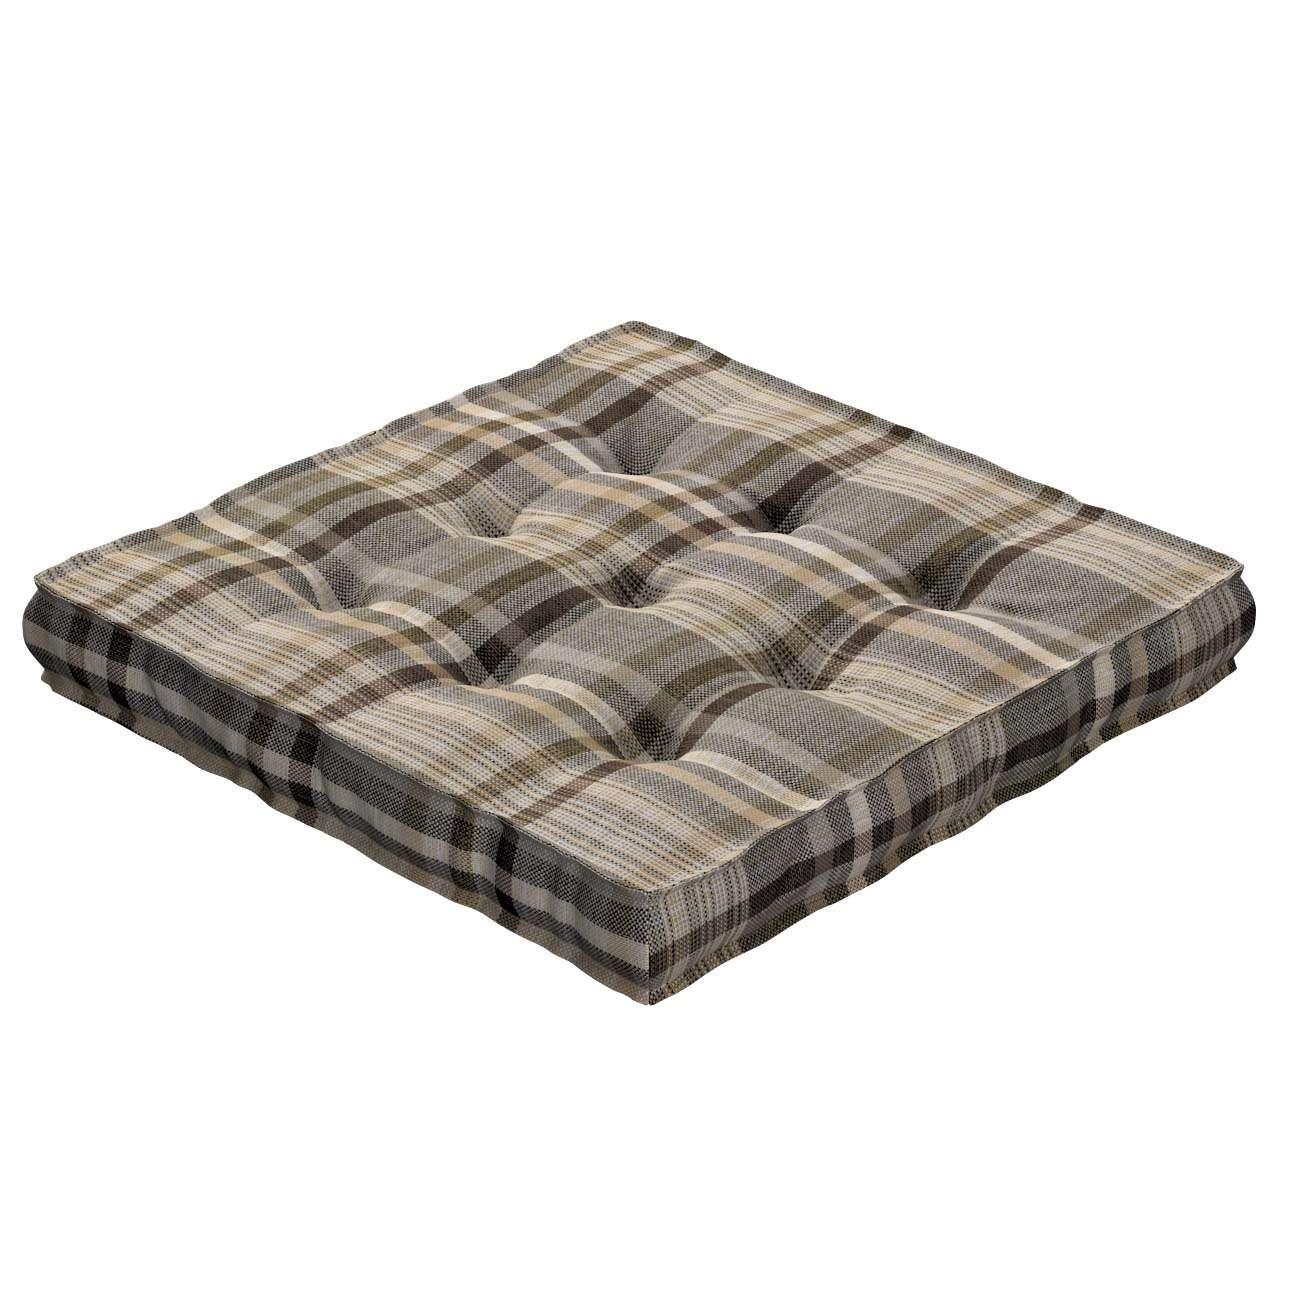 Siedzisko Kuba na krzesło w kolekcji Edinburgh, tkanina: 703-17